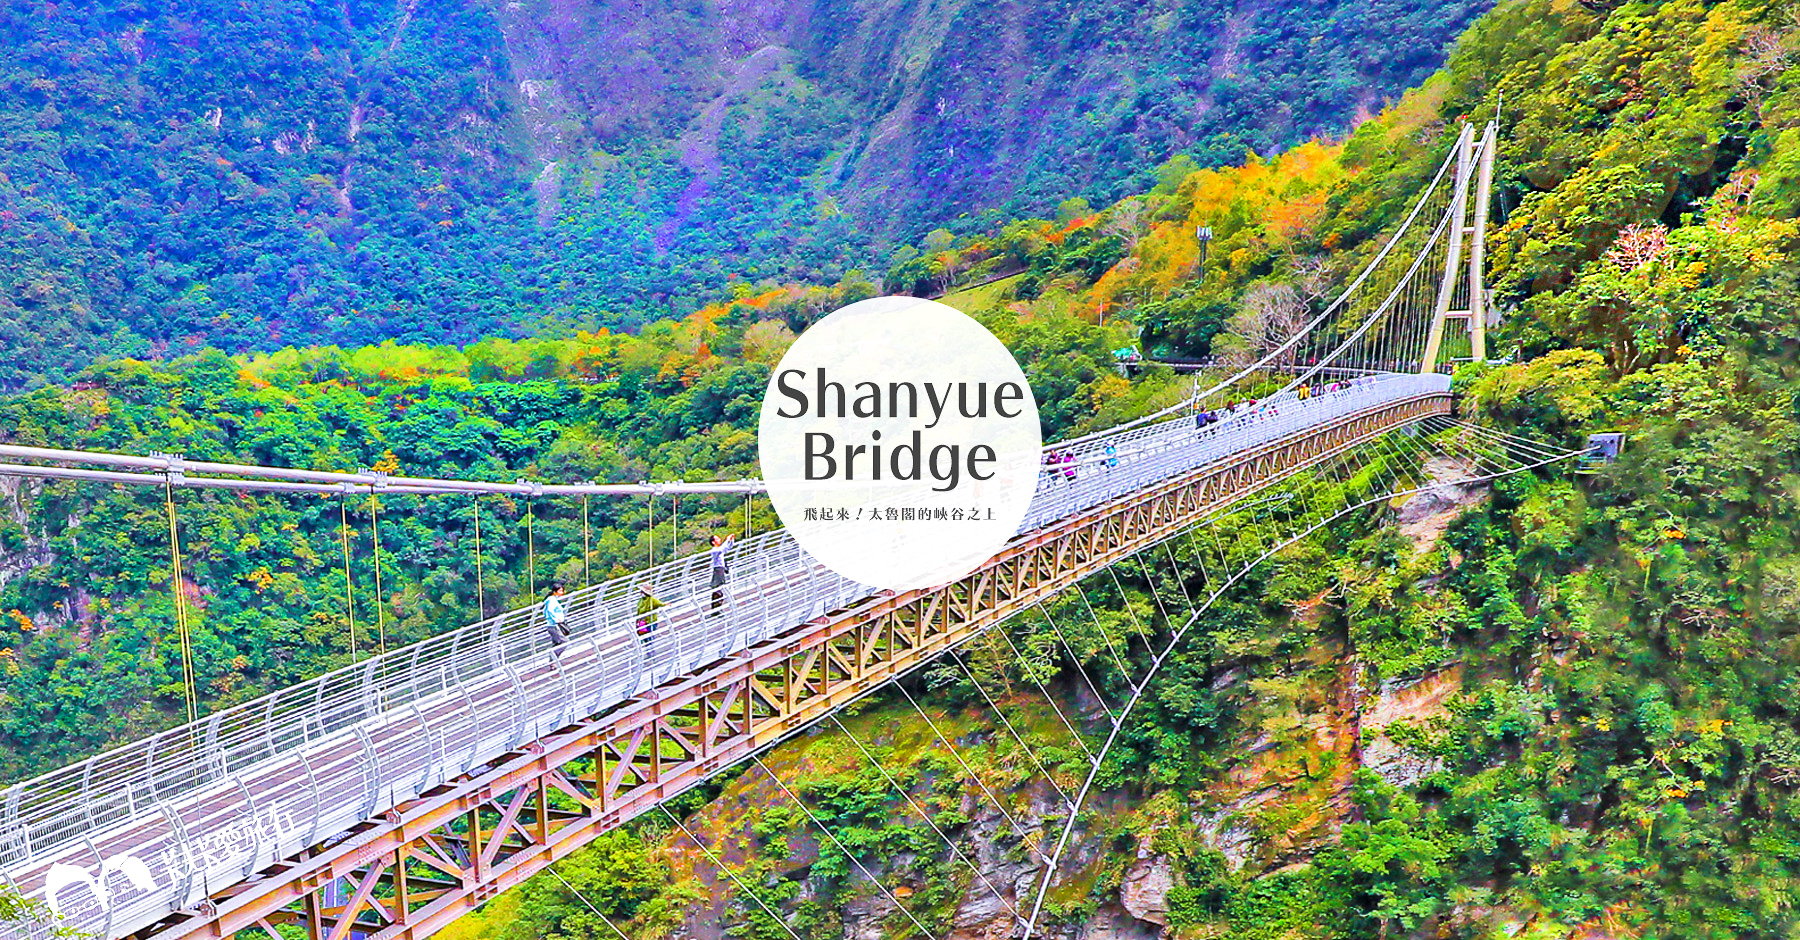 太魯閣山月吊橋!彷彿飛翔於壯闊峽谷之上|免門票申請預約攻略預約不到怎麼辦